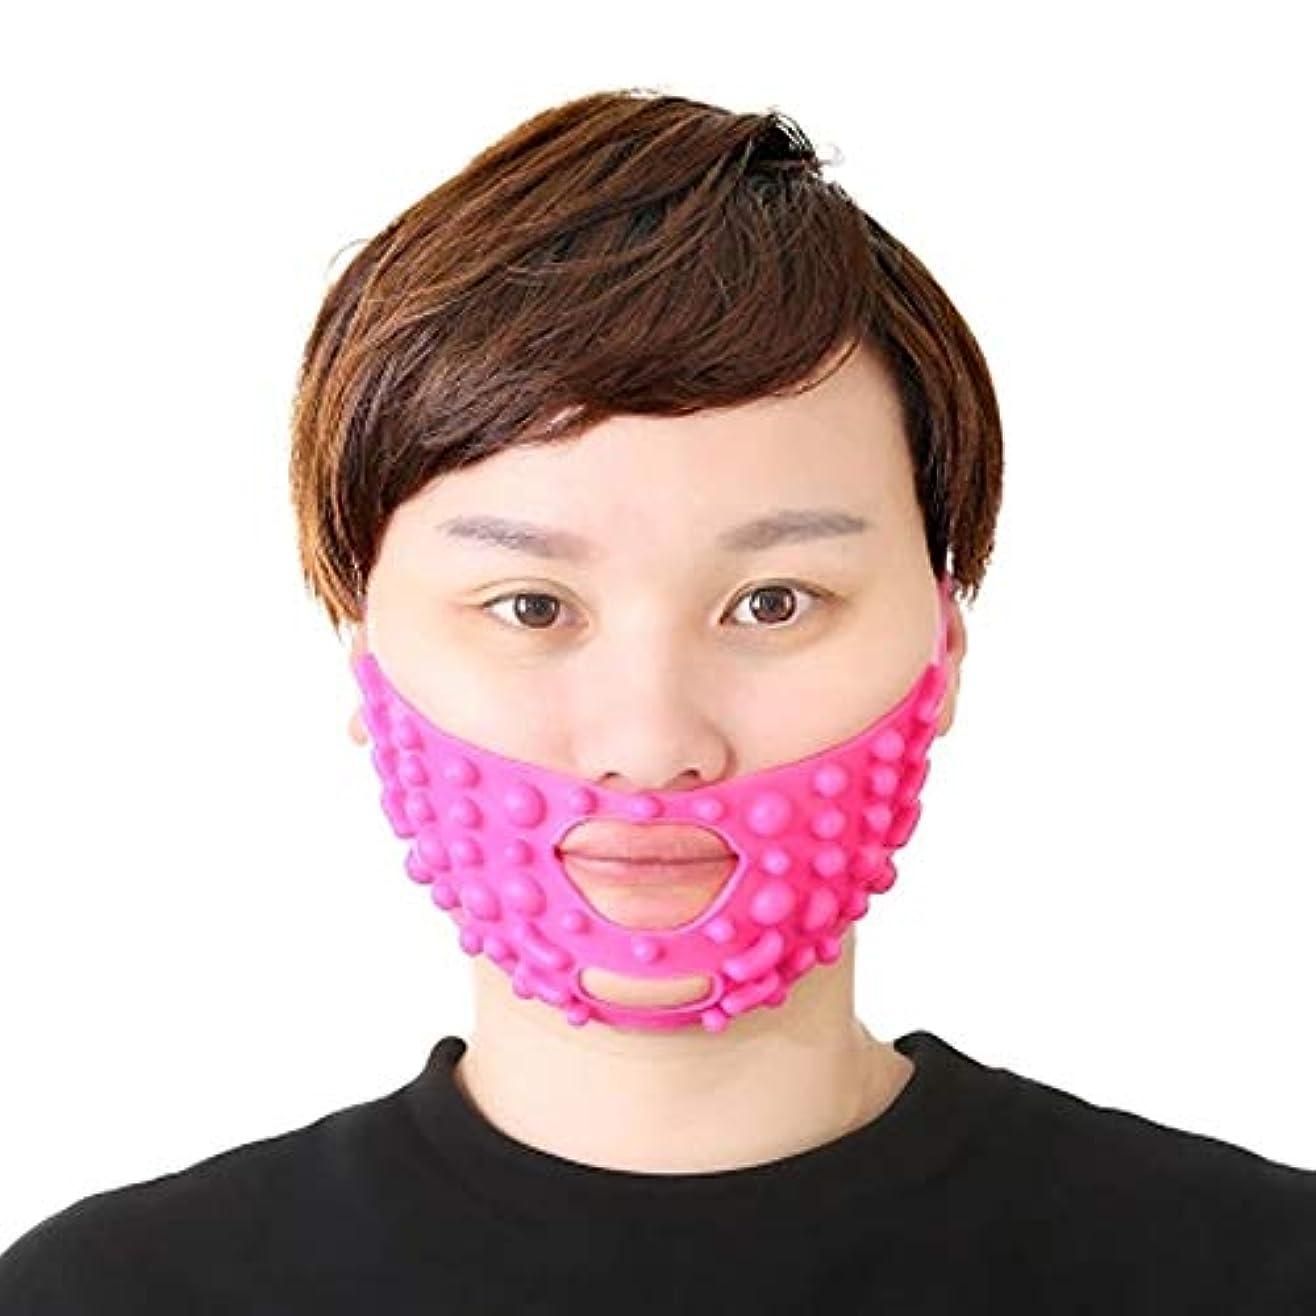 意欲時代田舎ダブルの顎のストラップ、顔のマッサージの包帯を持ち上げて持ち上げて小さなVフェイスのマスク薄い顔の人工物